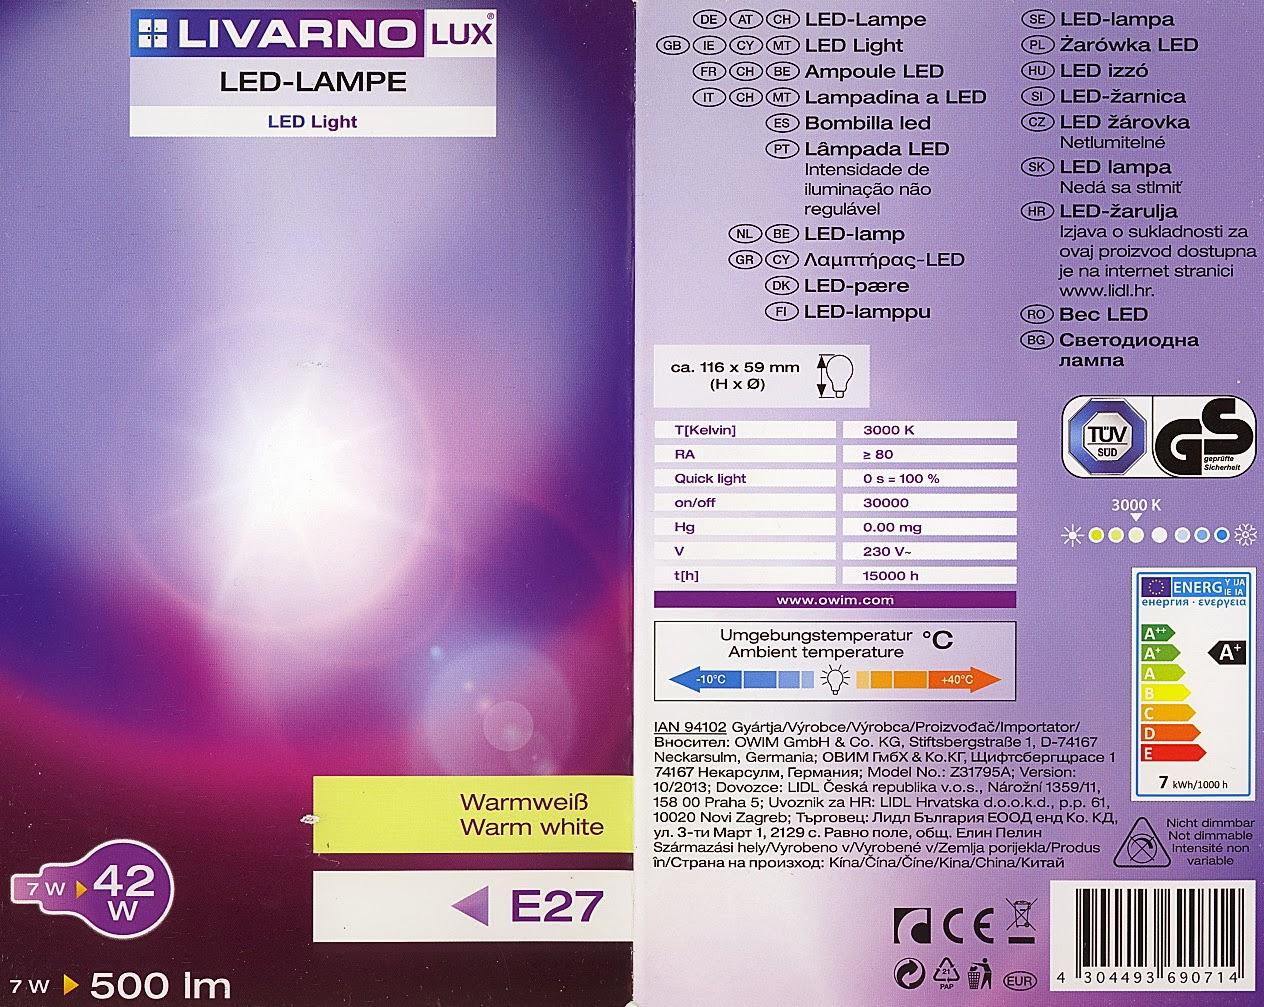 Livarno lux led lamp 7w E27 lidl, Model Z31795A, confezione